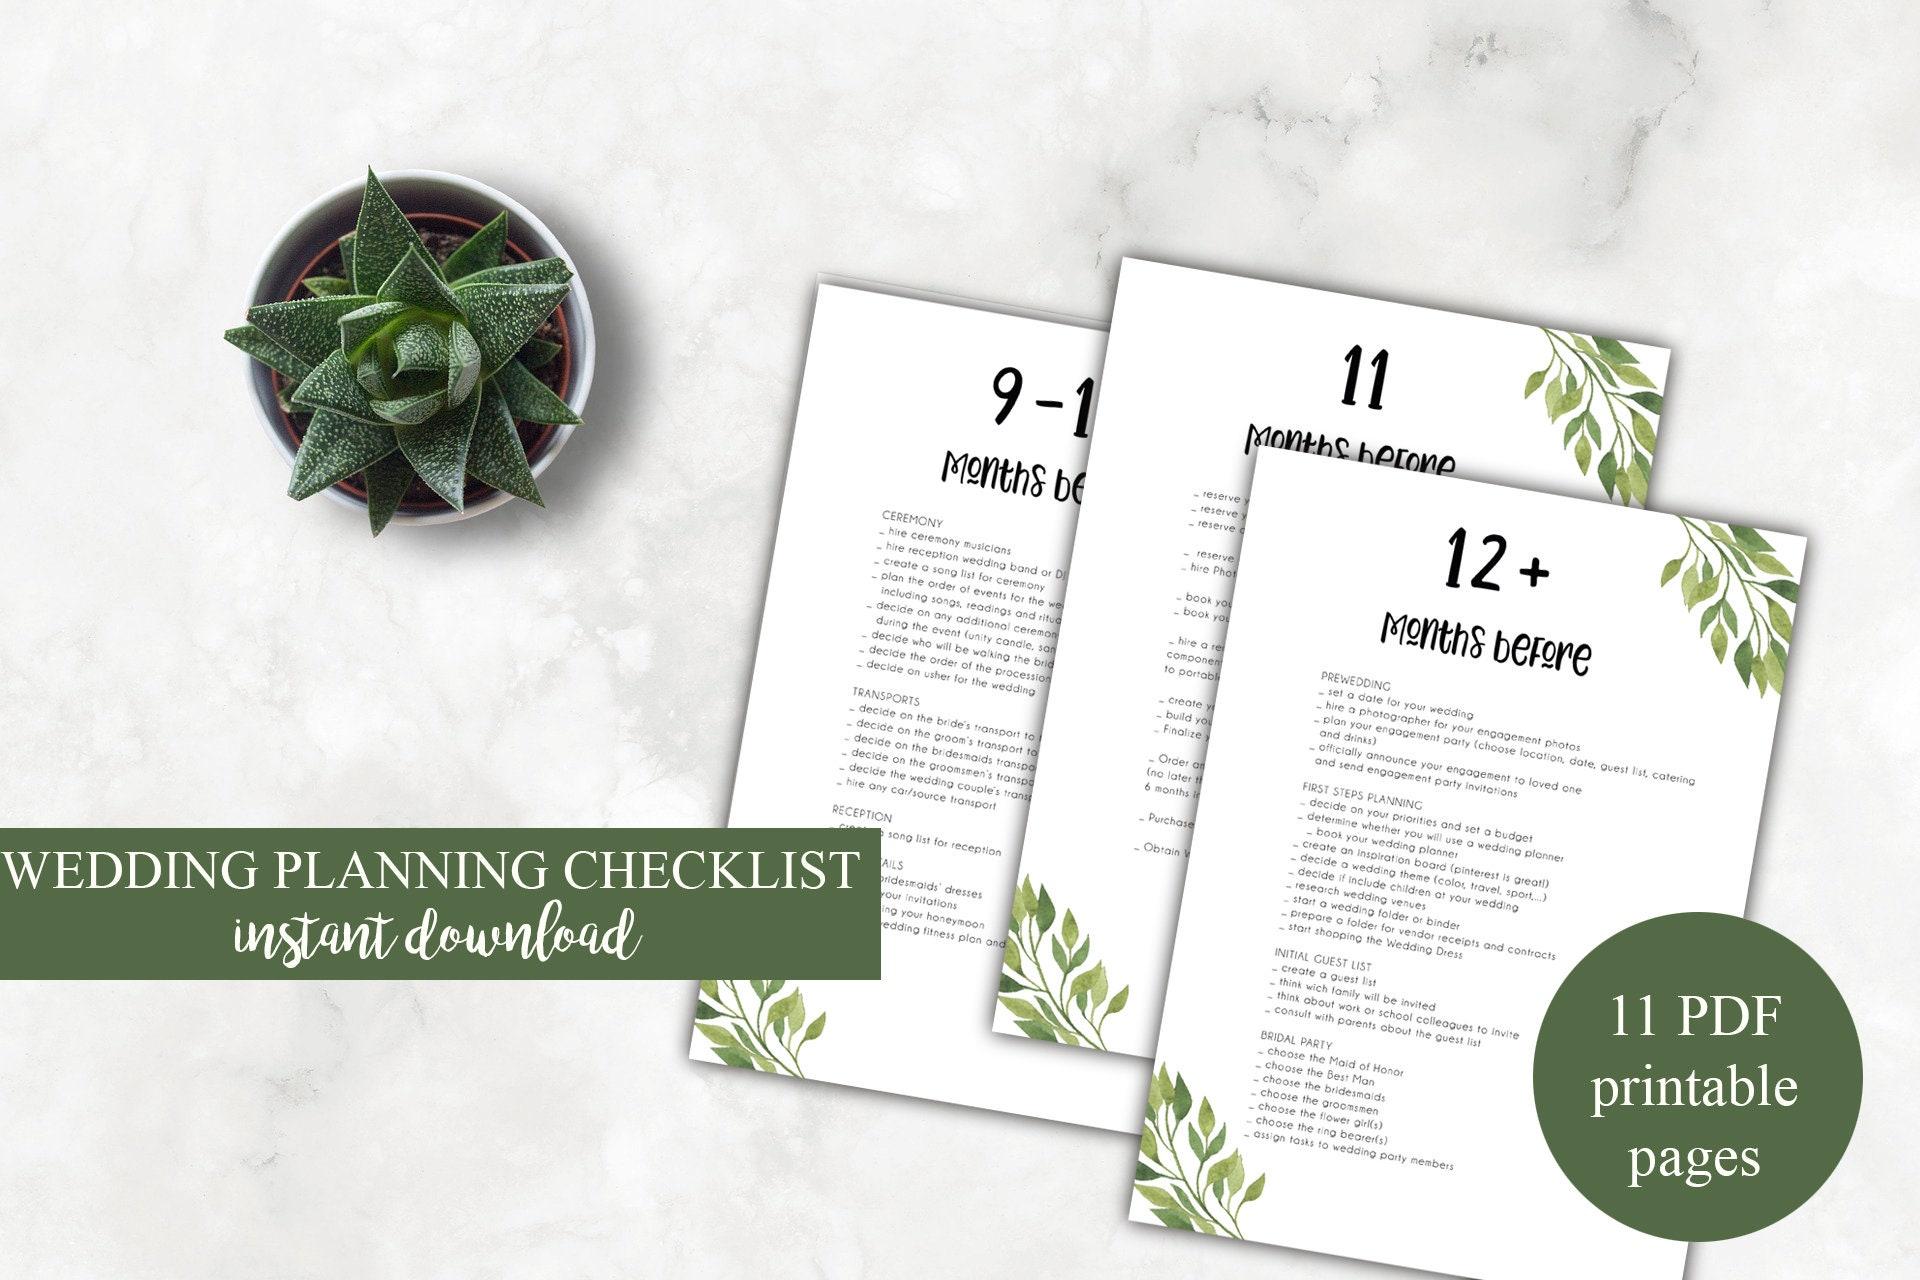 Wedding planner checklist, ultimate 12 month wedding